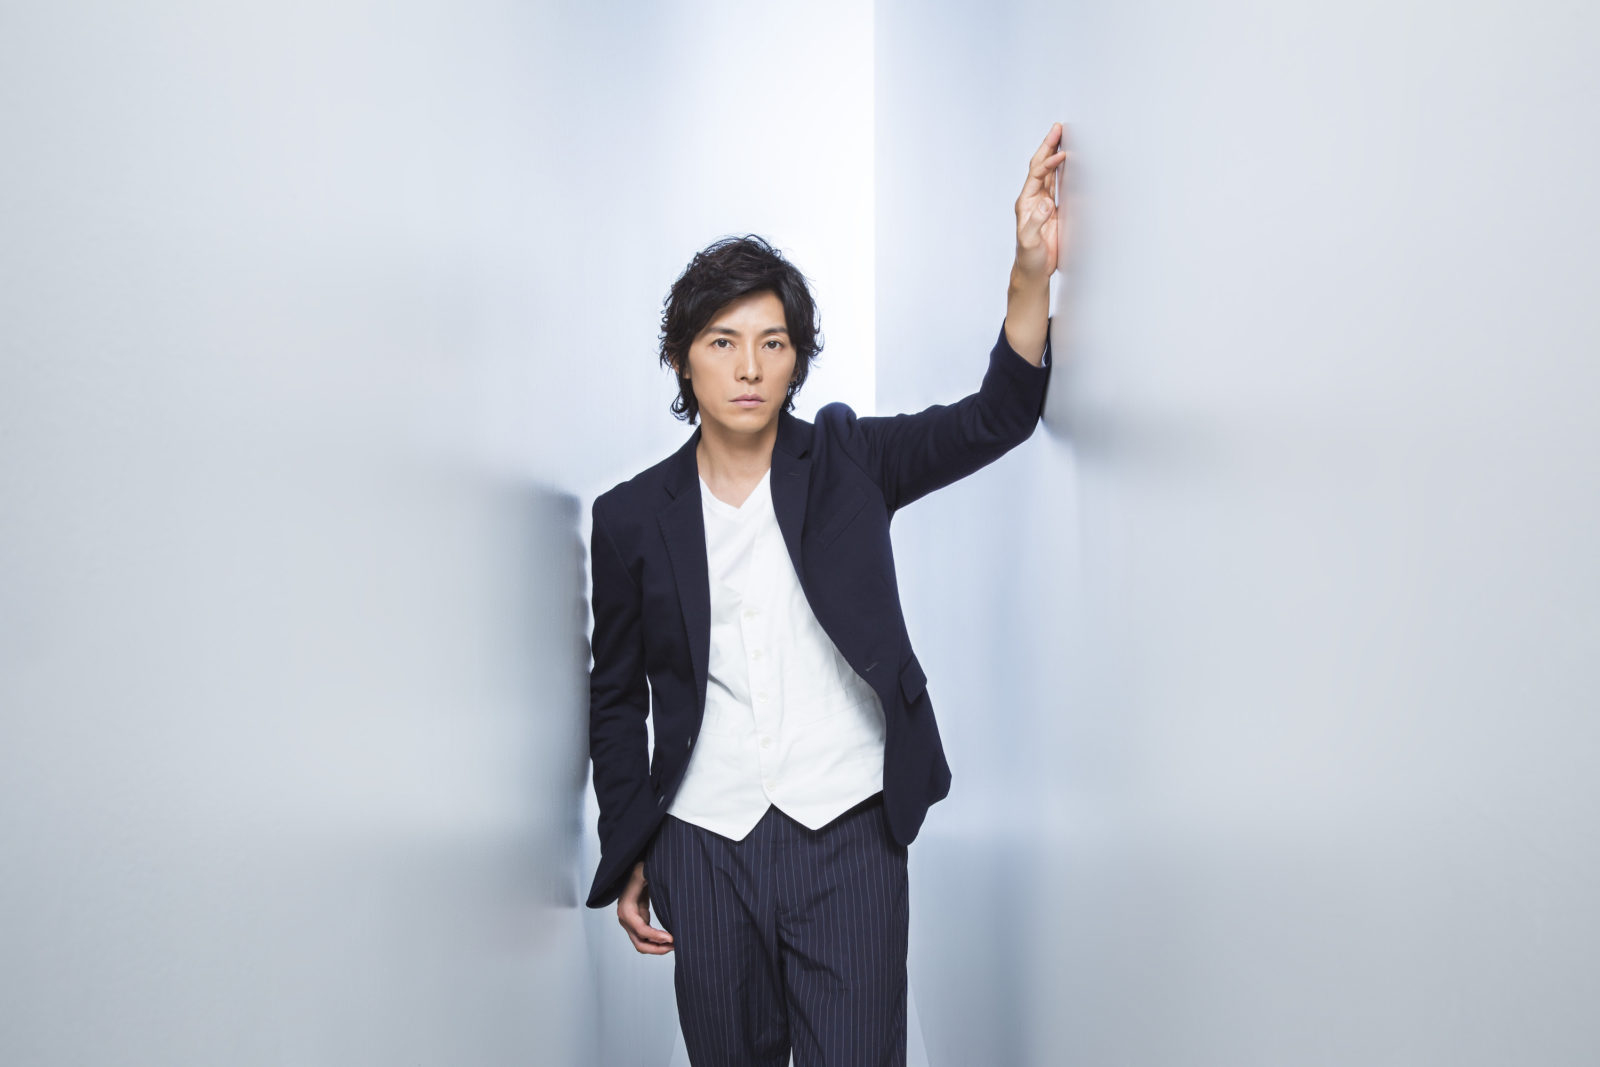 藤木直人、約8年振りのニューシングルタイトルは「Speed★Star」&限定販売の光るLED ICカードデザイン決定サムネイル画像